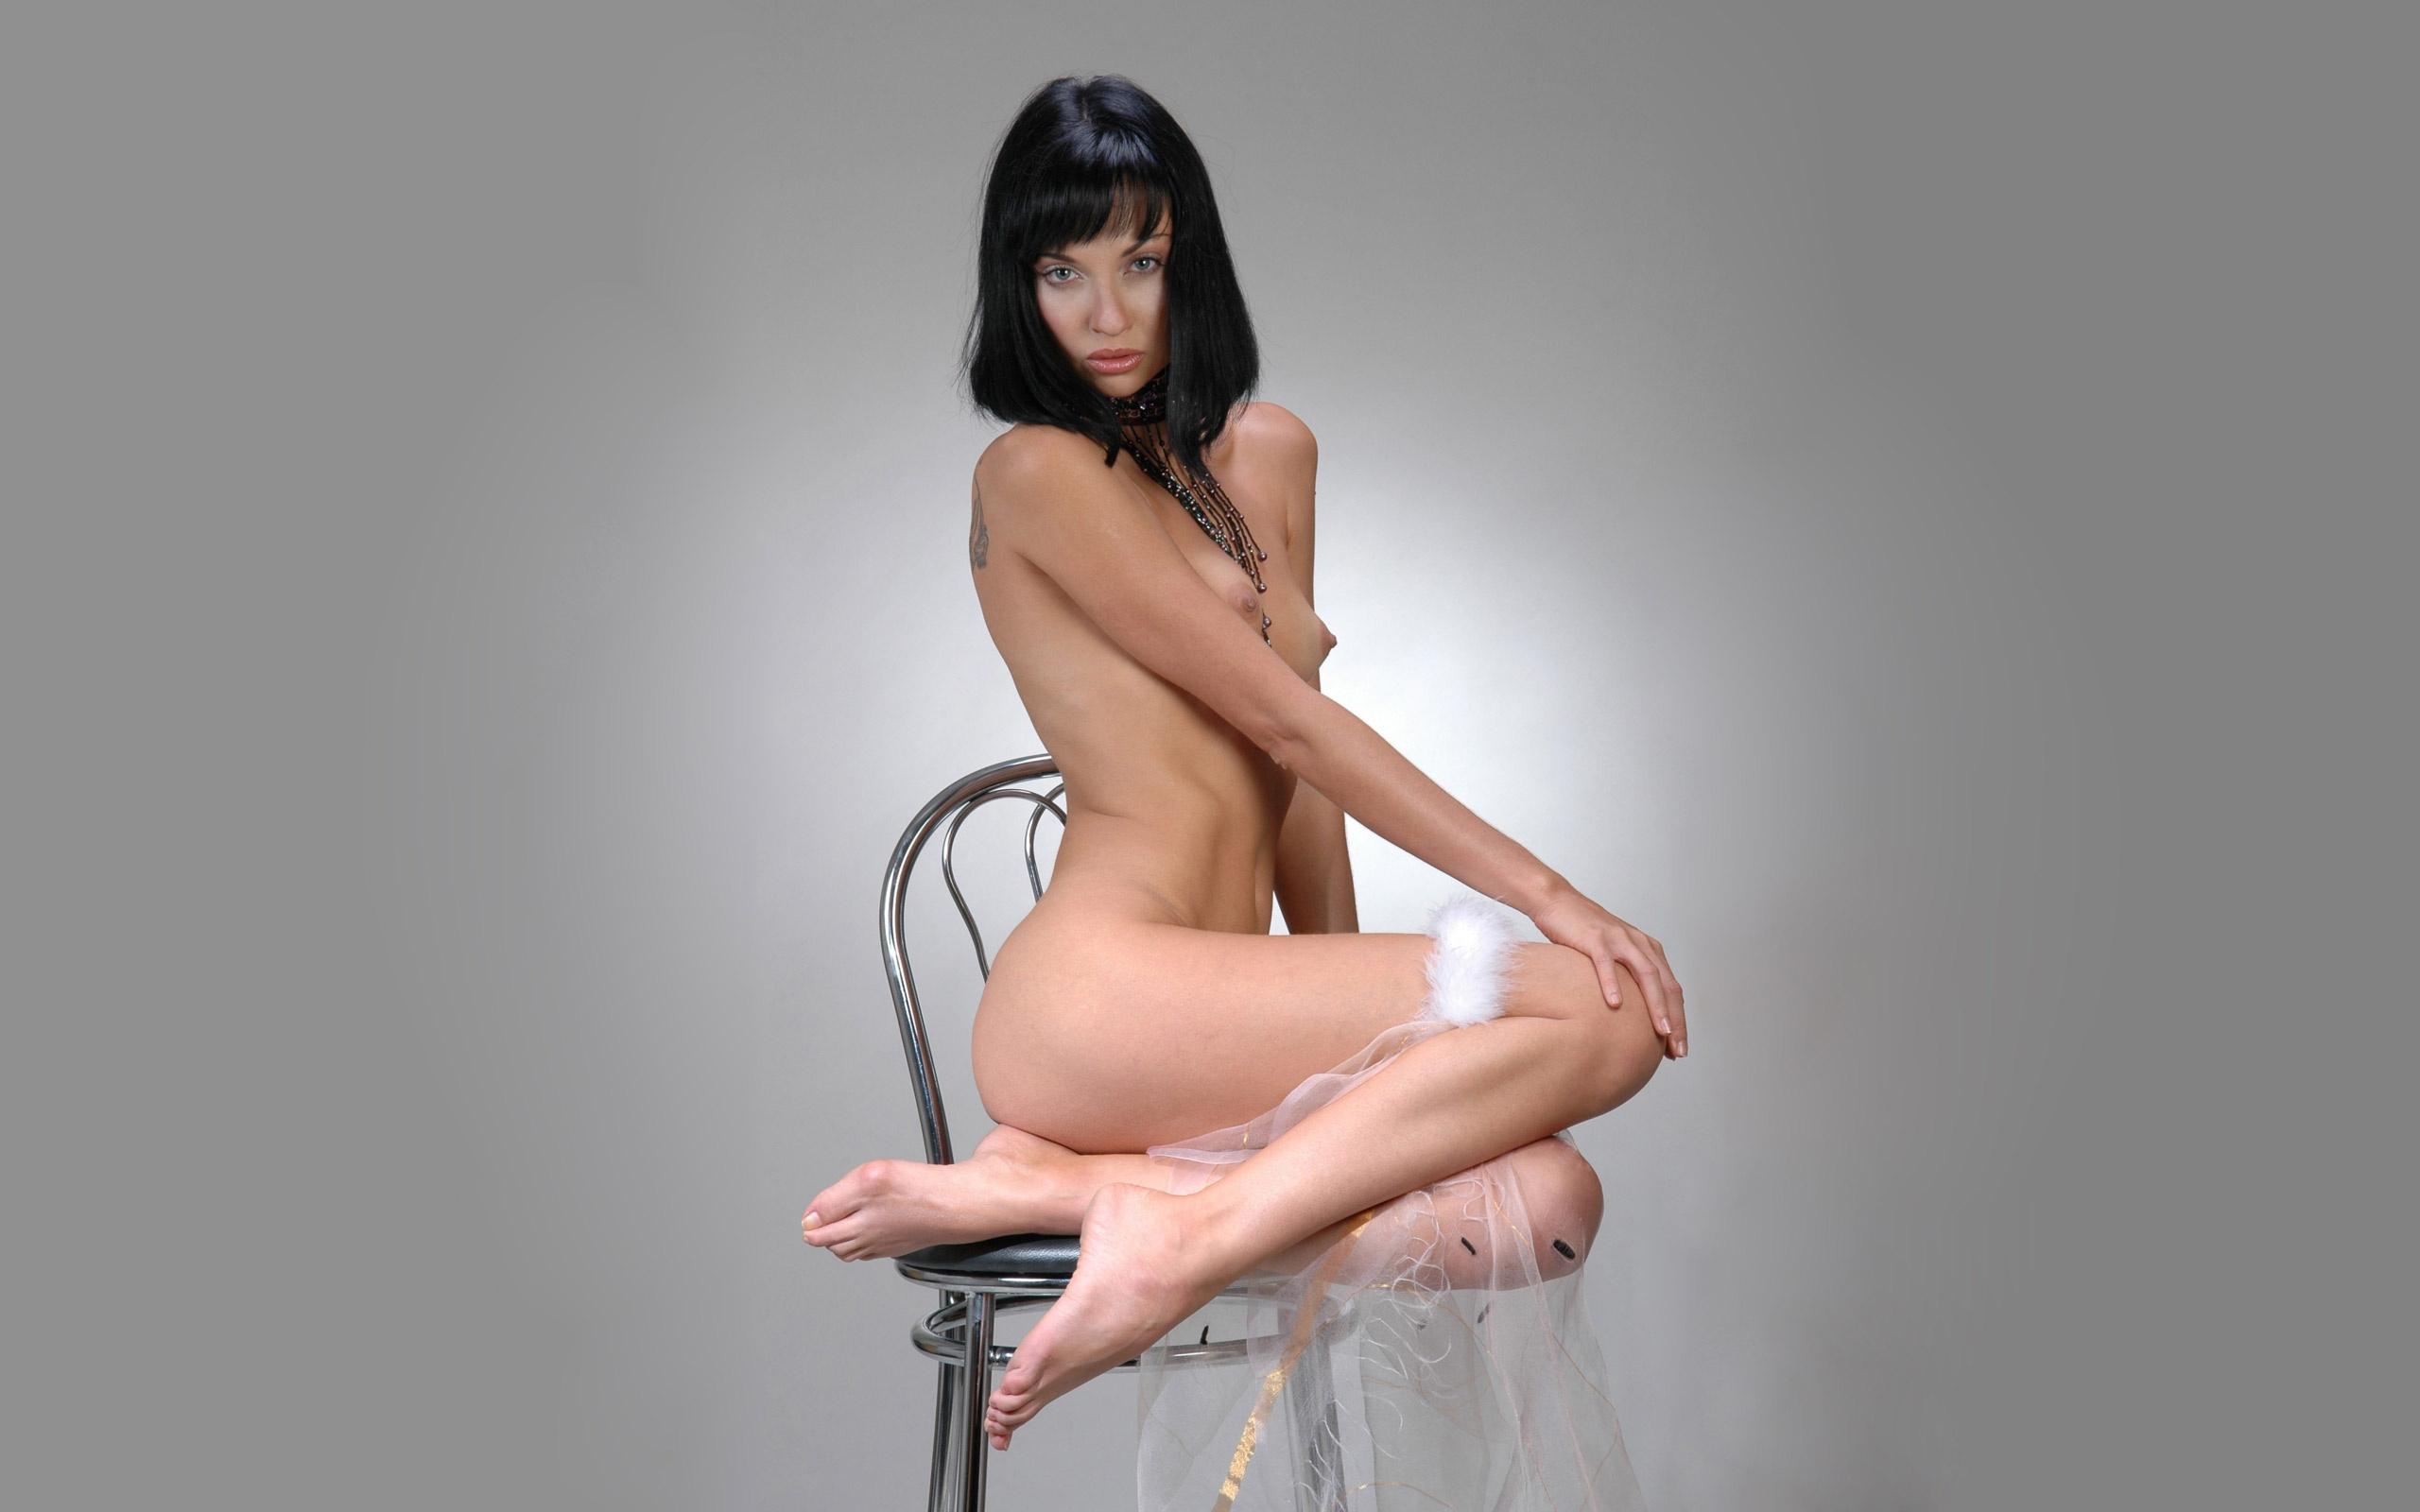 Ftop Ru Walls Nude Bride Brute Chair Legs Wallpaper